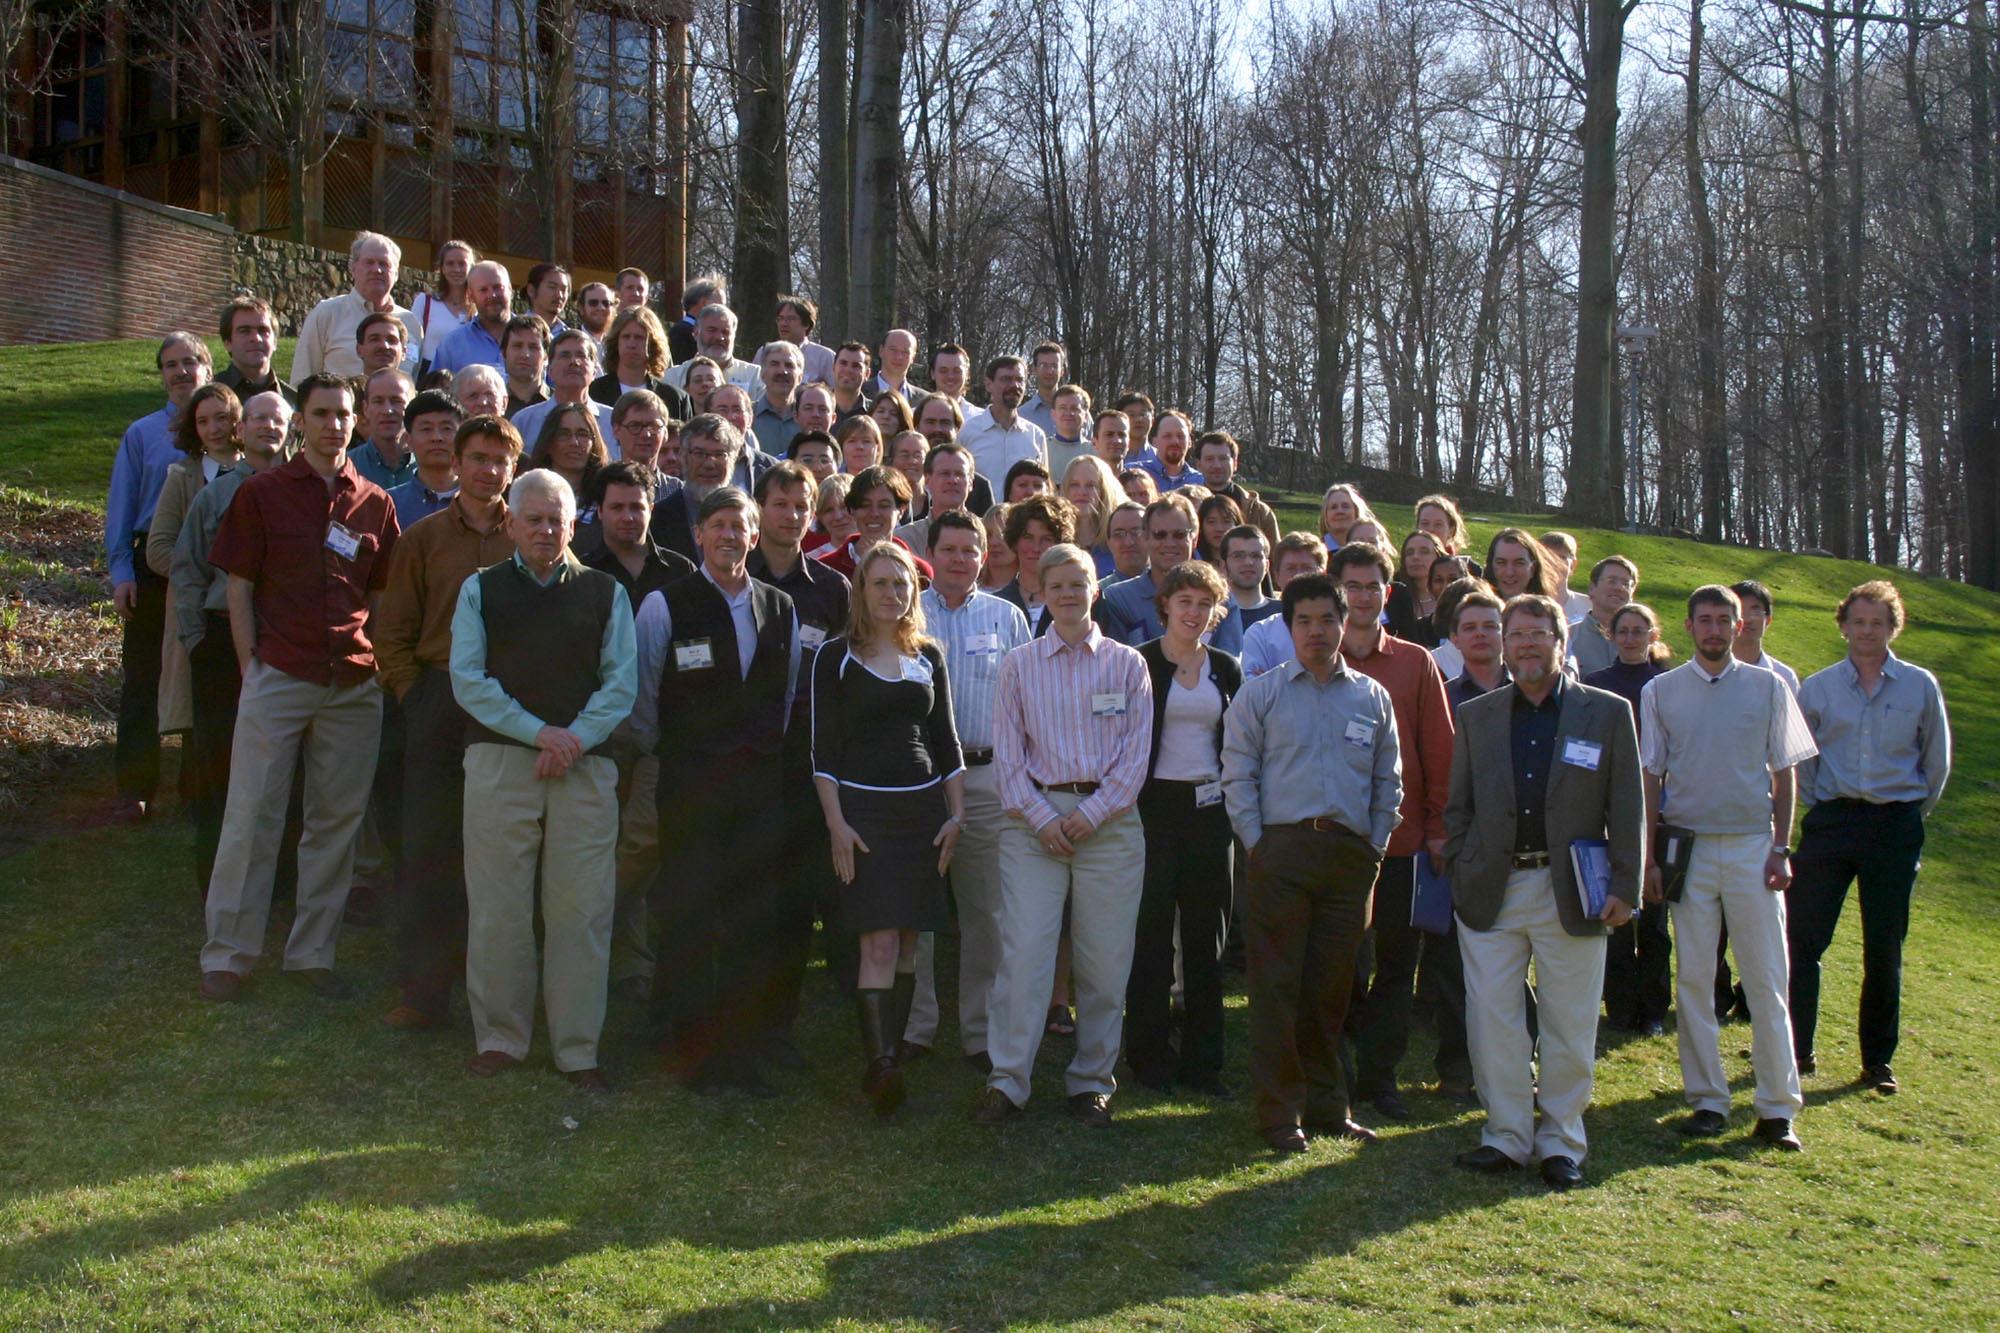 2004-conference_2447_JFR.jpg#asset:2283